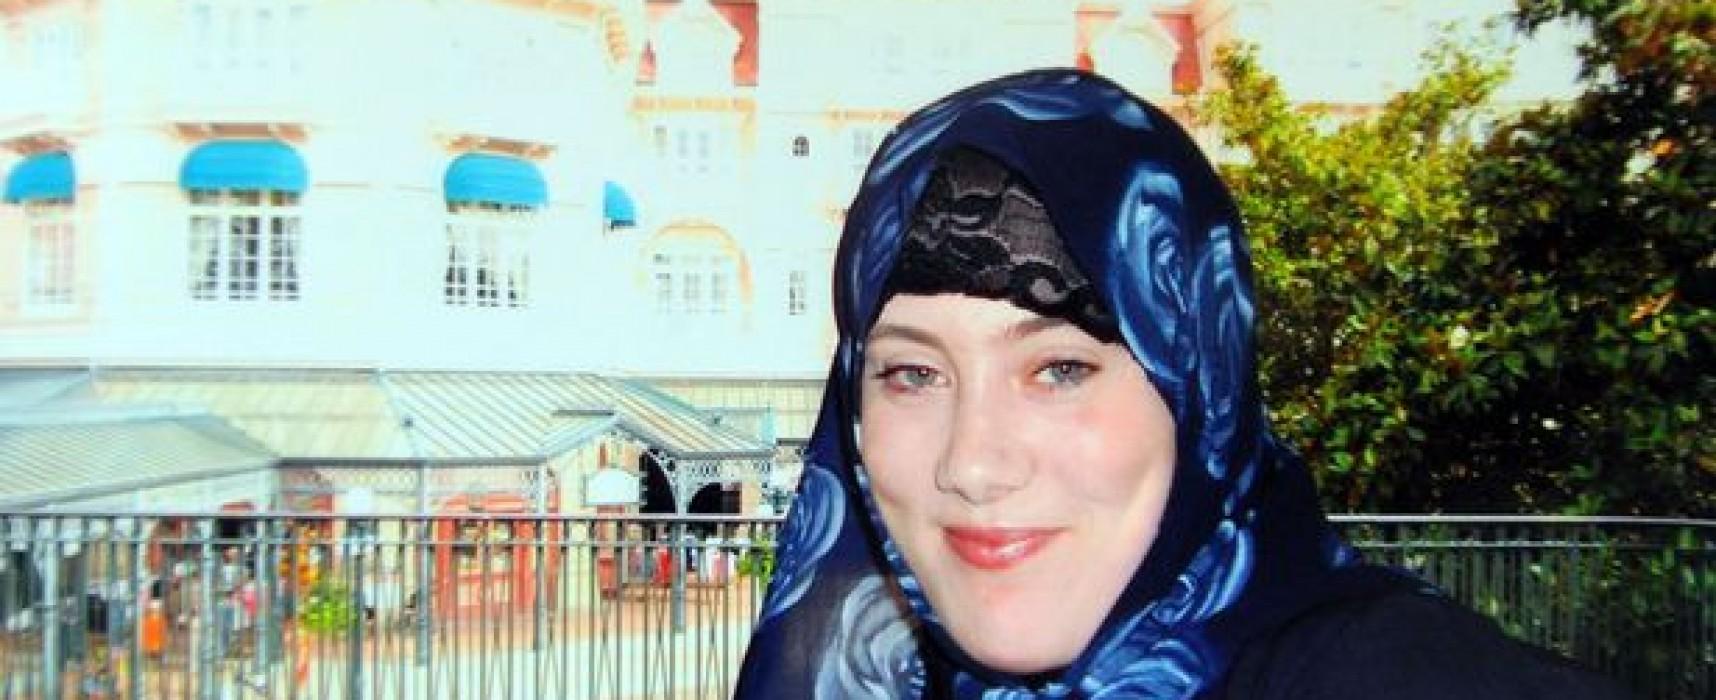 Фейк: в «ЛНР» ликвидирована известная террористка из Великобритании